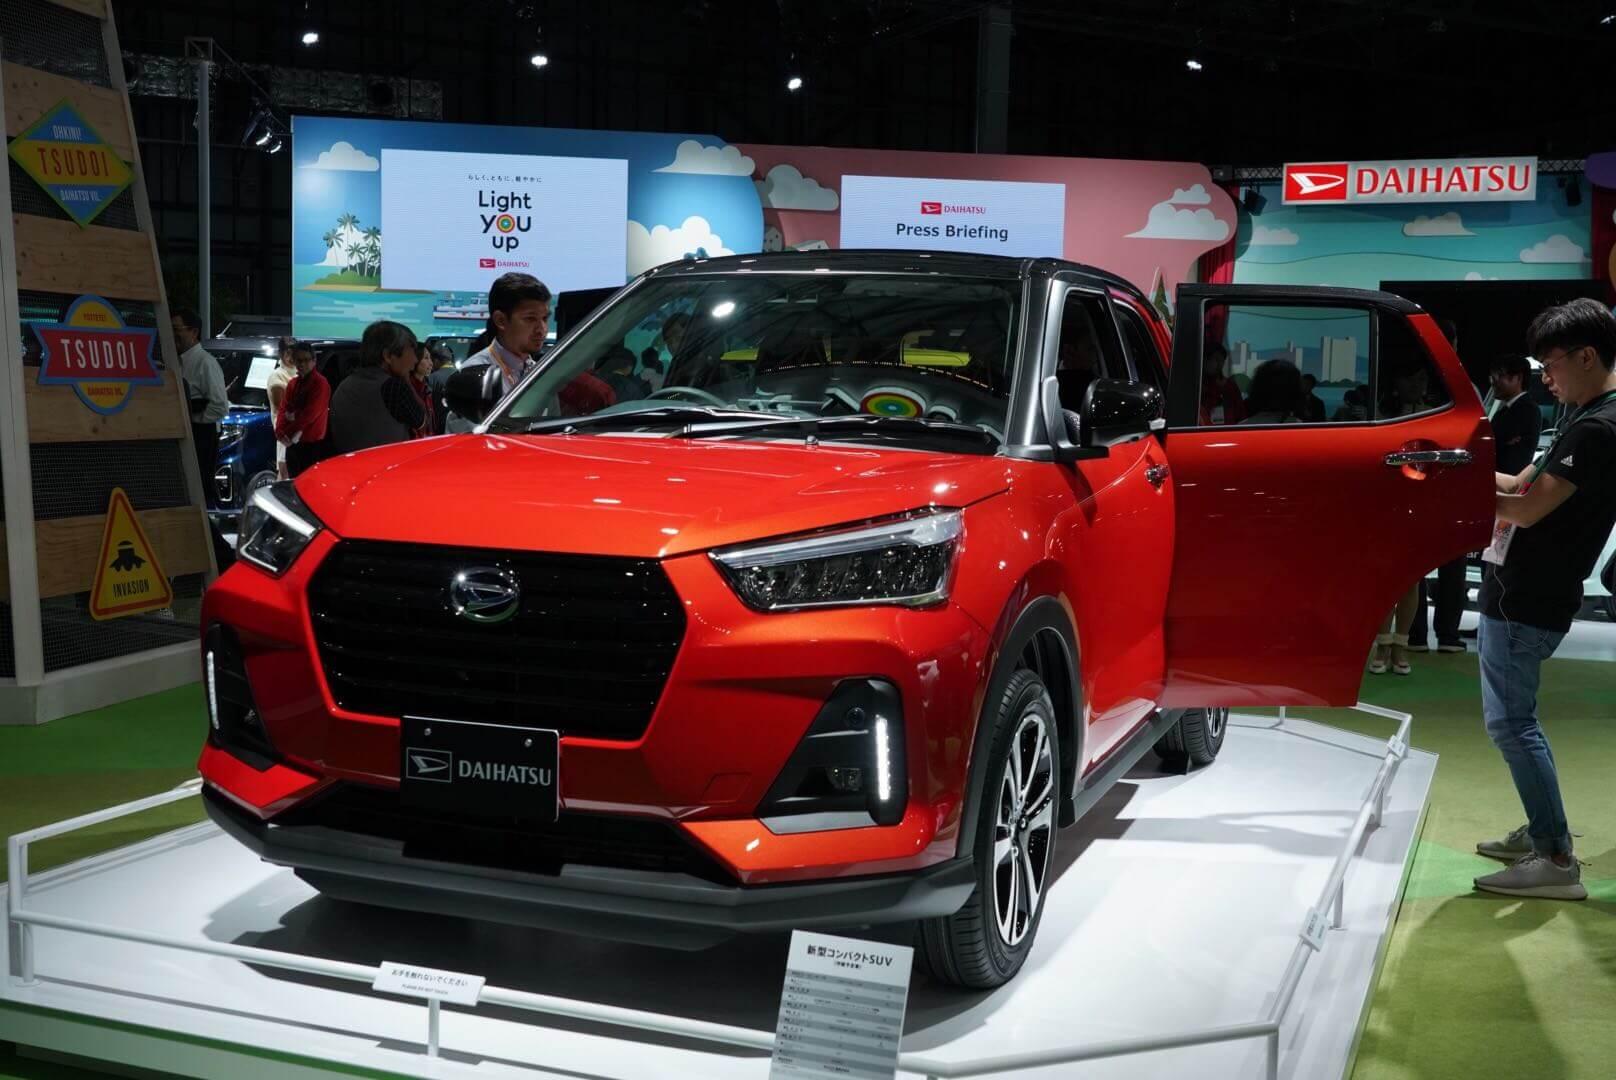 トヨタとダイハツの新小型車「A-SUV」発表間近!?東京モーターショー2019に新型SUVが登場 | MOBY [モビー]